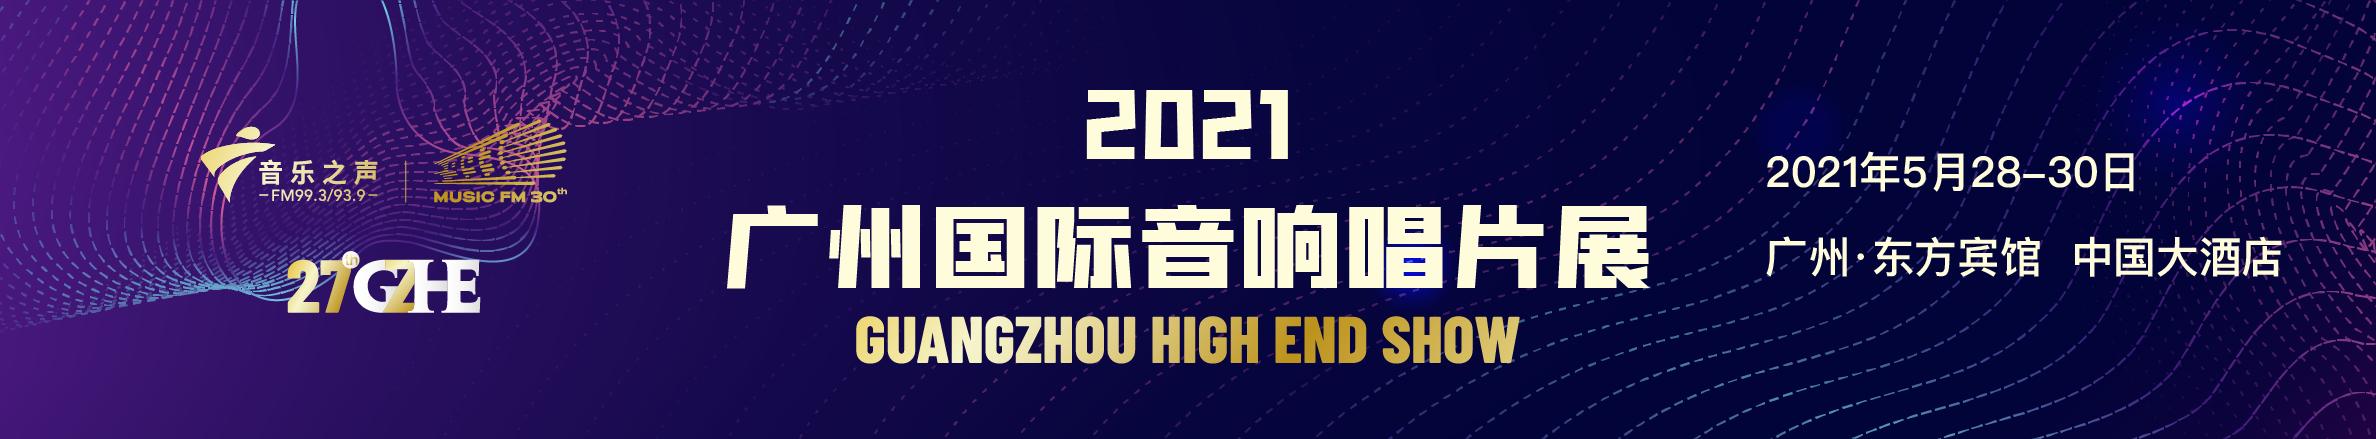 【实时更新】2021广州国际音响唱片展全部资讯及参观指南,5月28-30日 广州东方宾馆